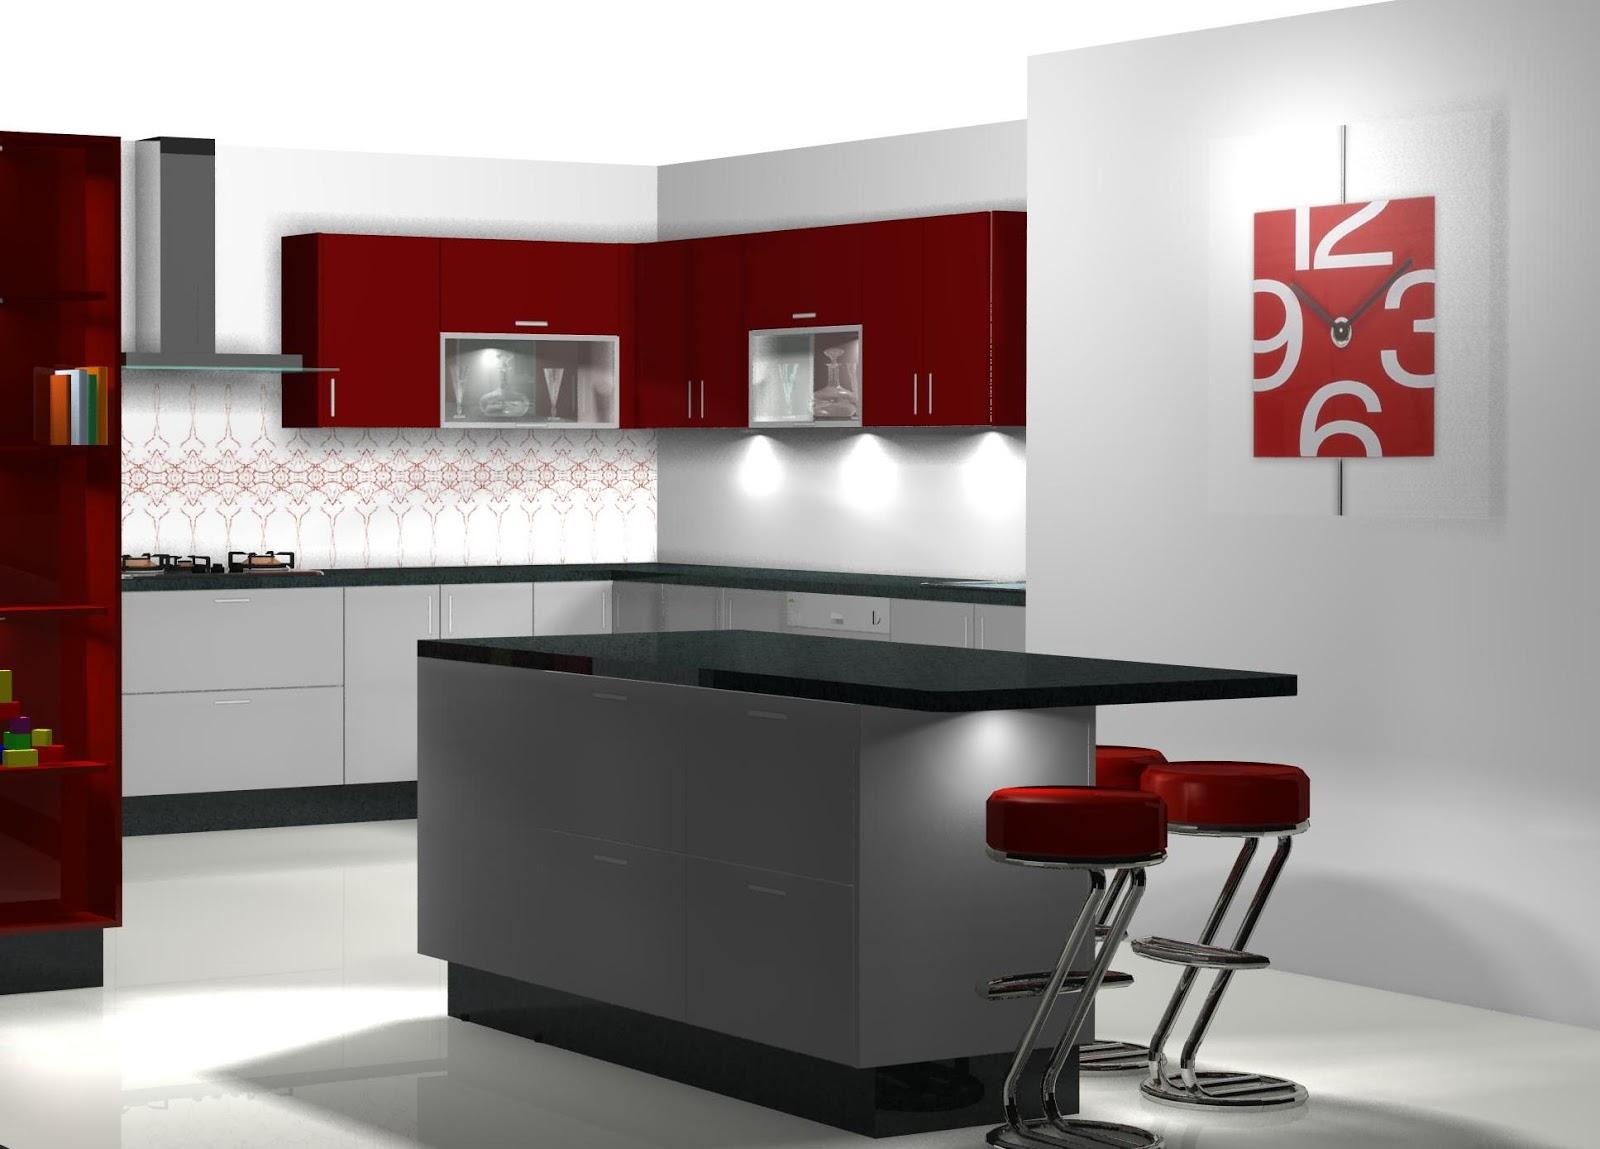 Dise o muebles de cocina dise o de cocina laminado en - Diseno de cocina ...